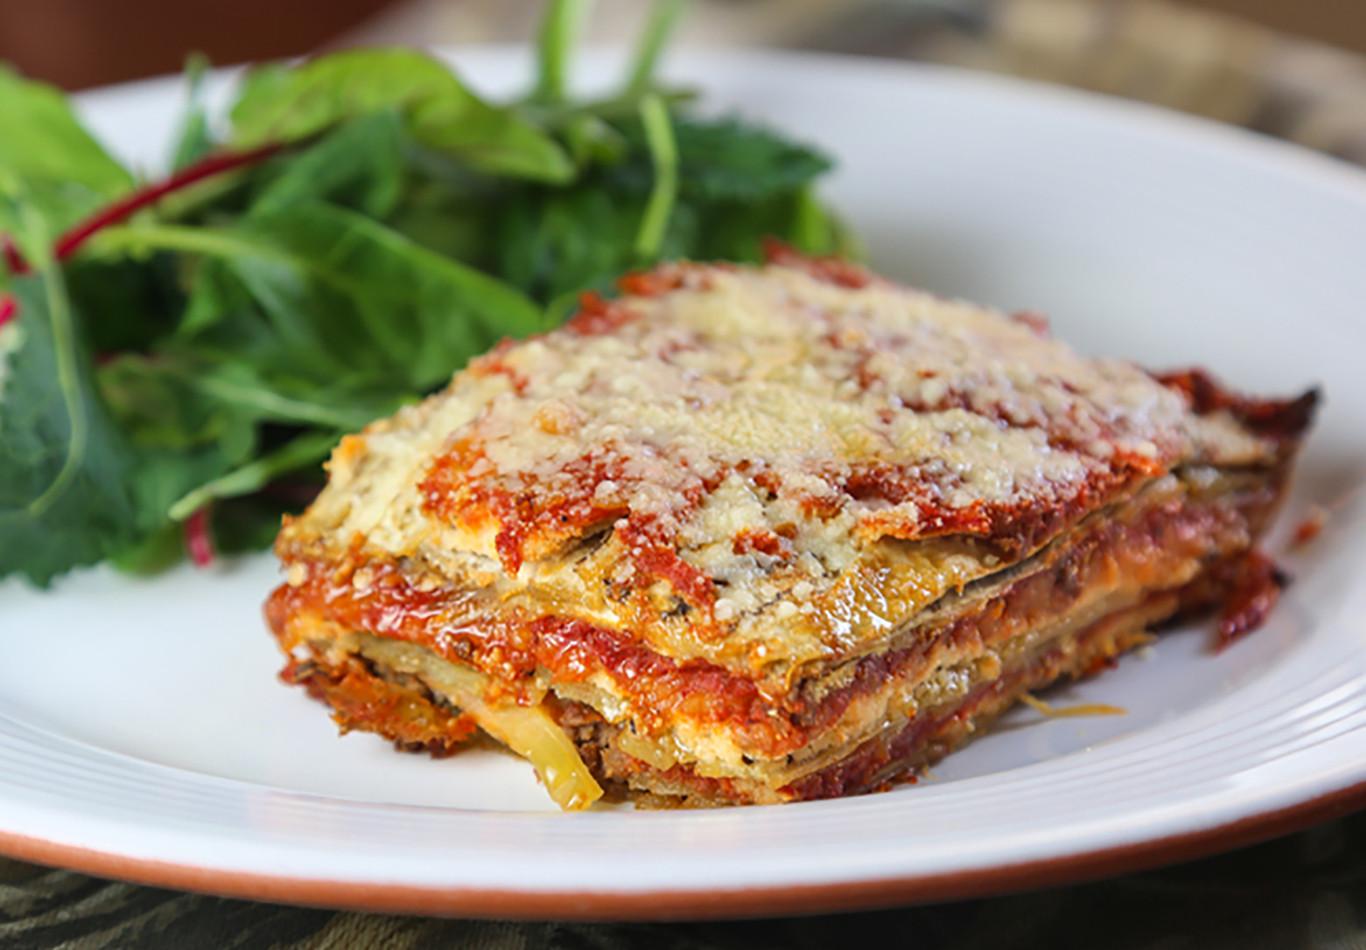 Healthy Meat Lasagna Recipe  Paleo Venison and Eggplant Lasagna Recipe